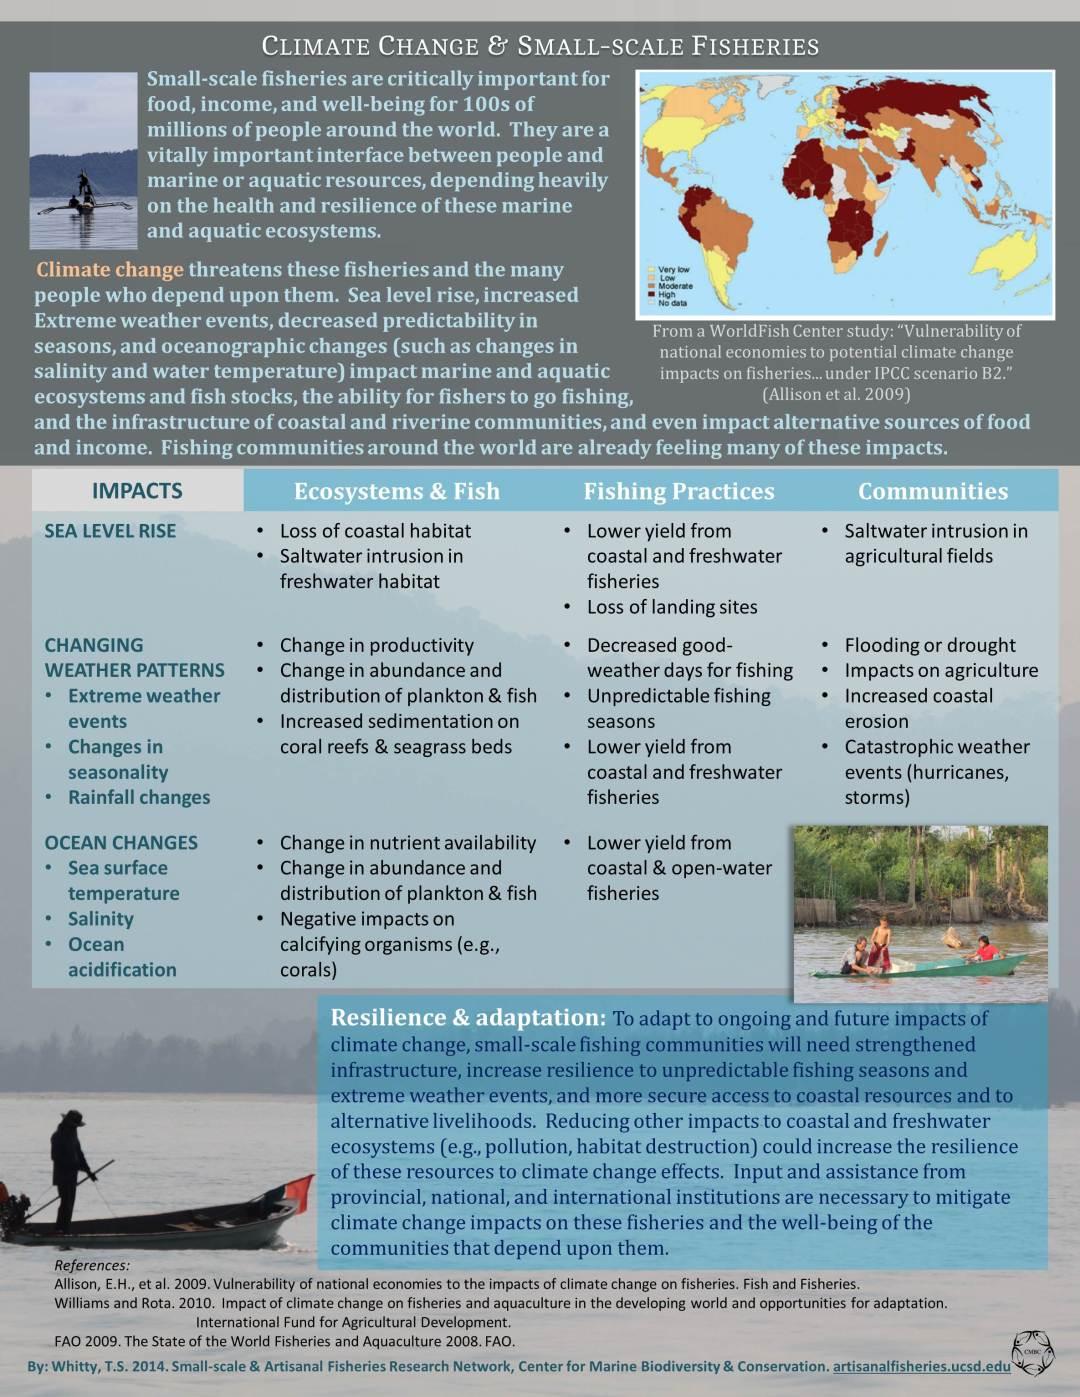 14_1114_SAFRN_ClimateChange_COP20